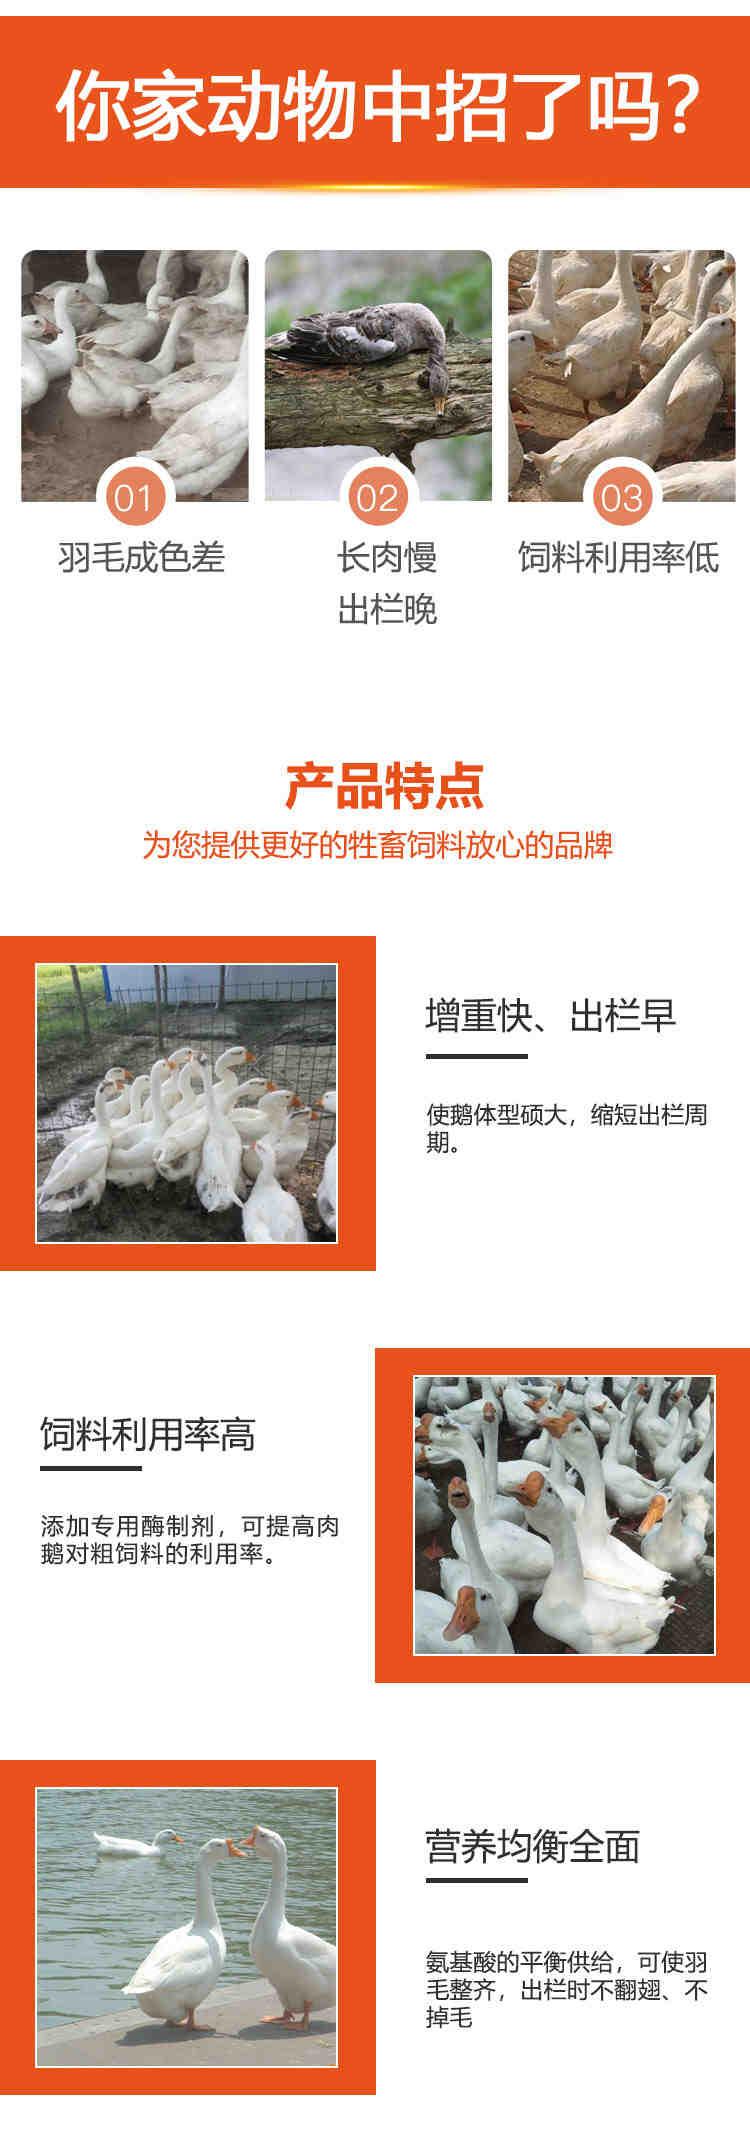 泸县-大白鹅预混饲料供应商原装现货